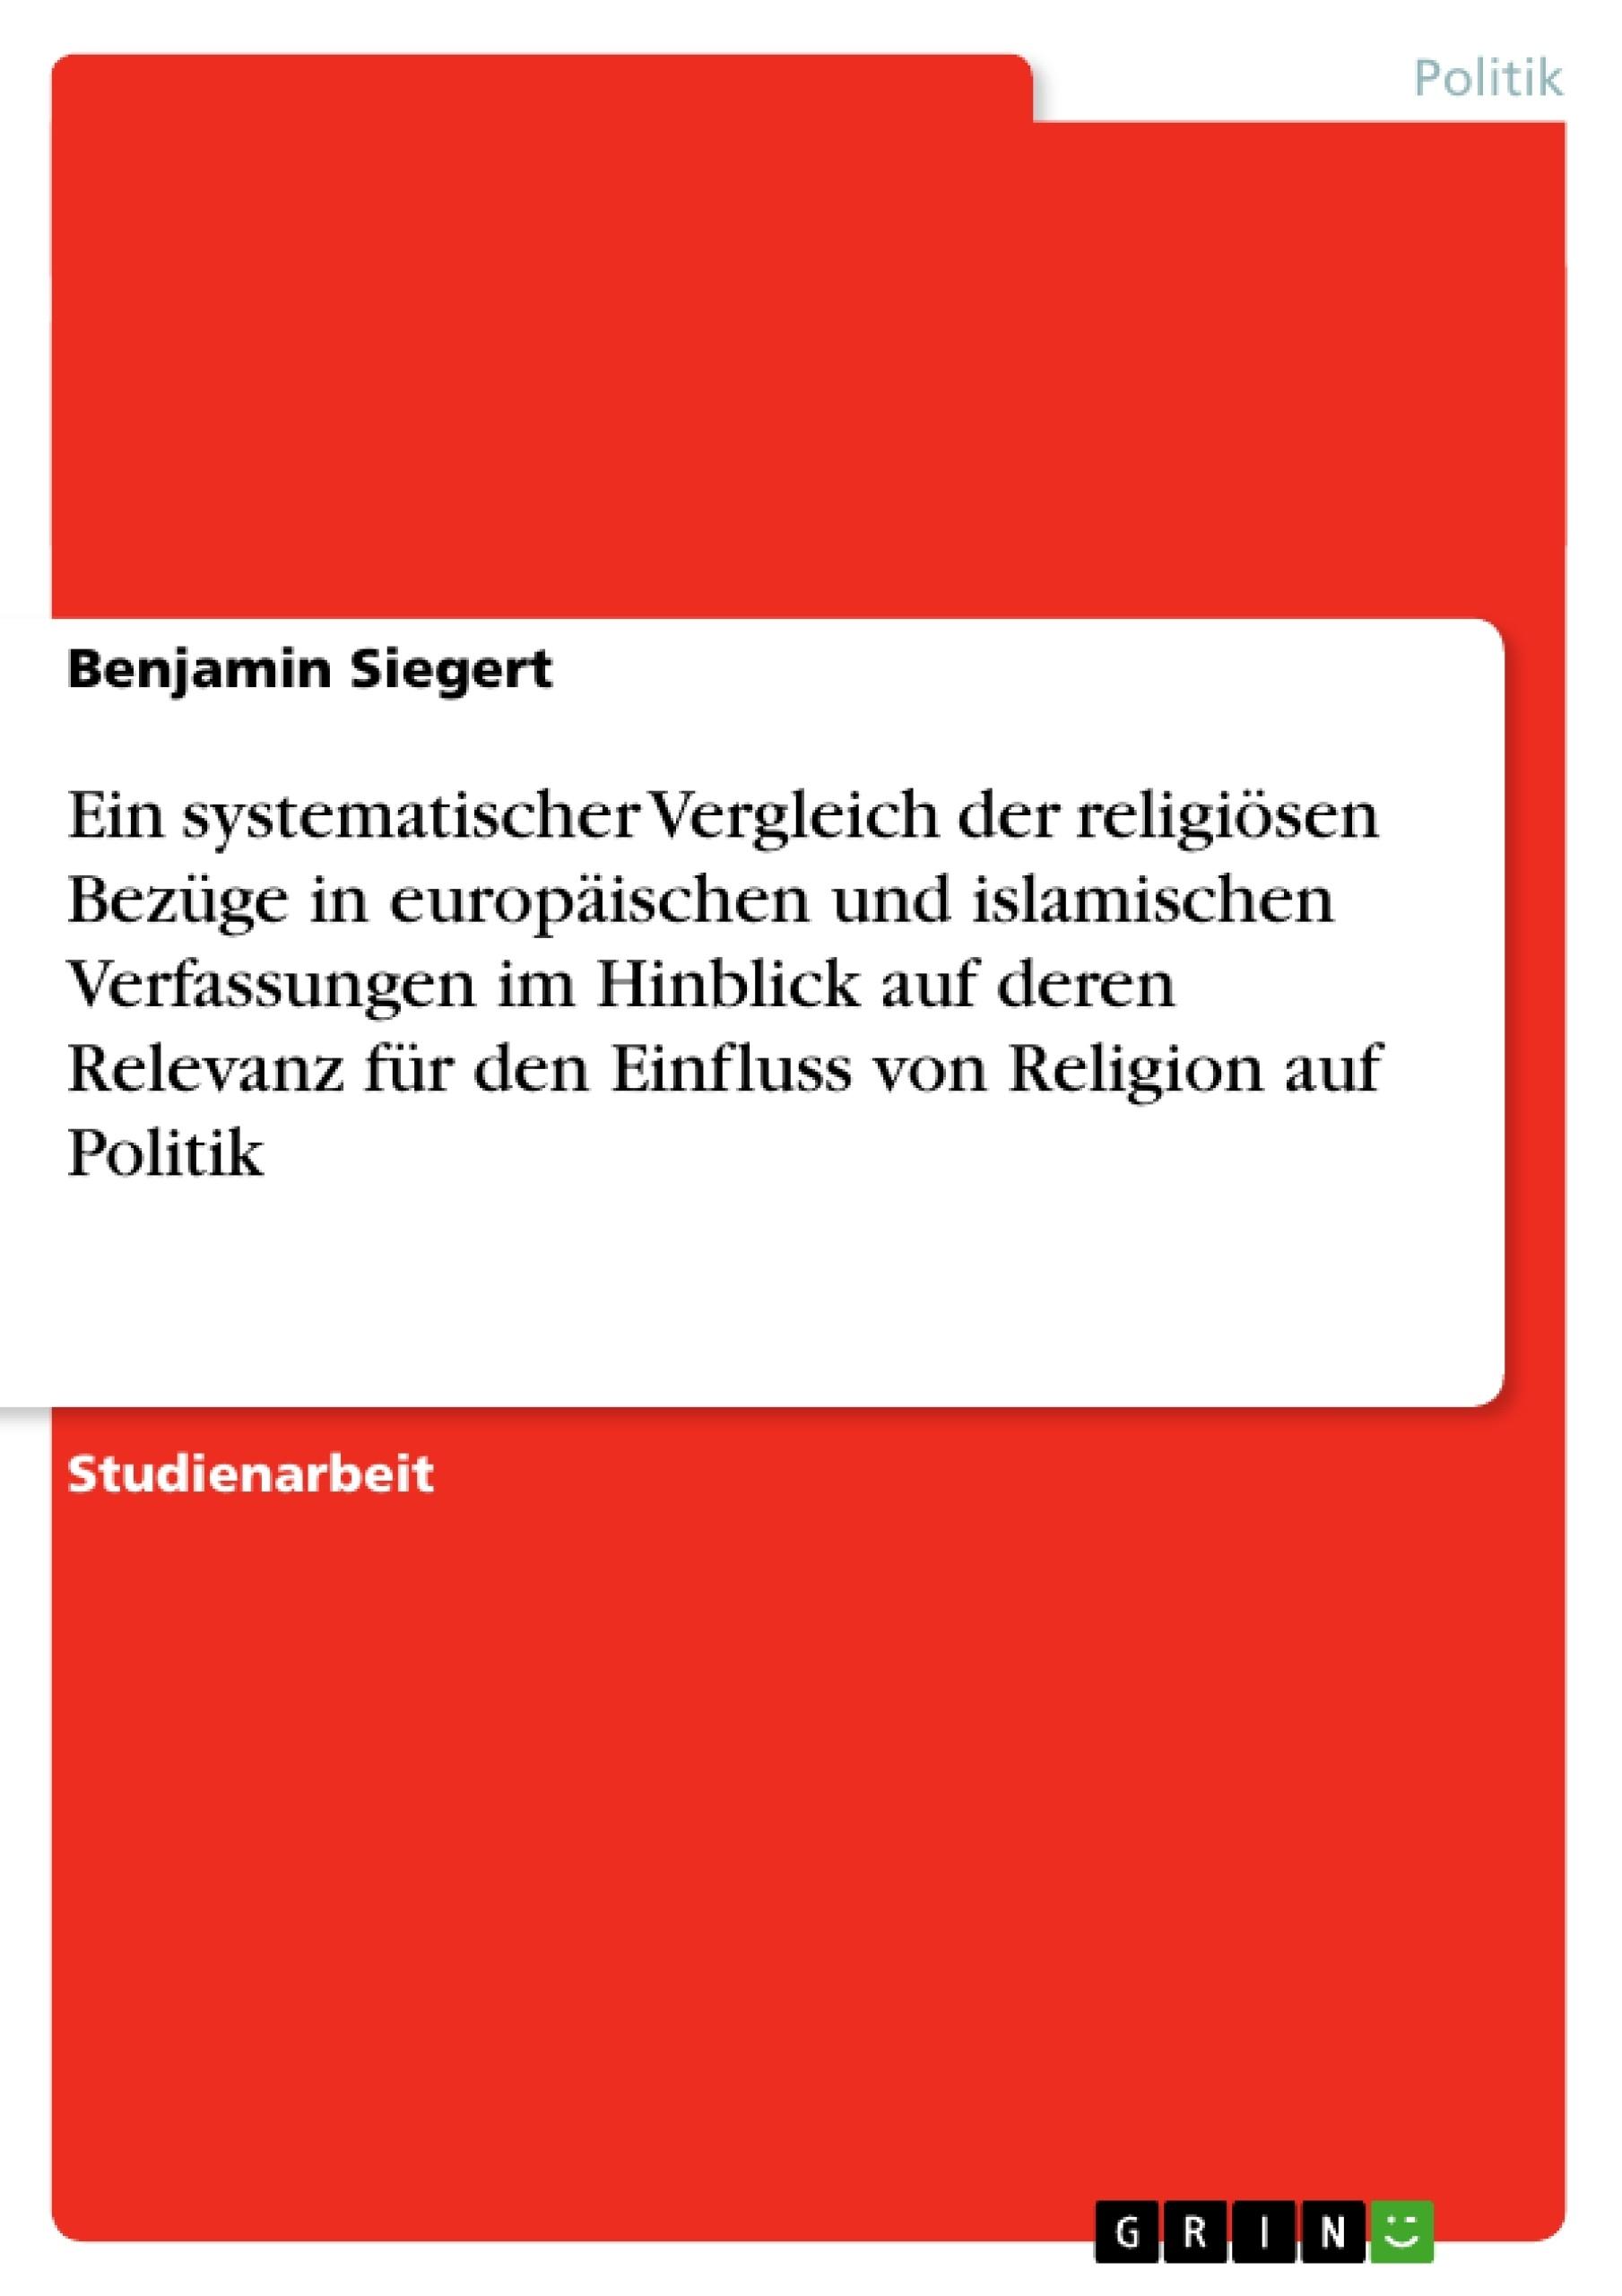 Titel: Ein systematischer Vergleich der religiösen Bezüge in europäischen und islamischen Verfassungen im Hinblick auf deren Relevanz für den Einfluss von Religion auf Politik